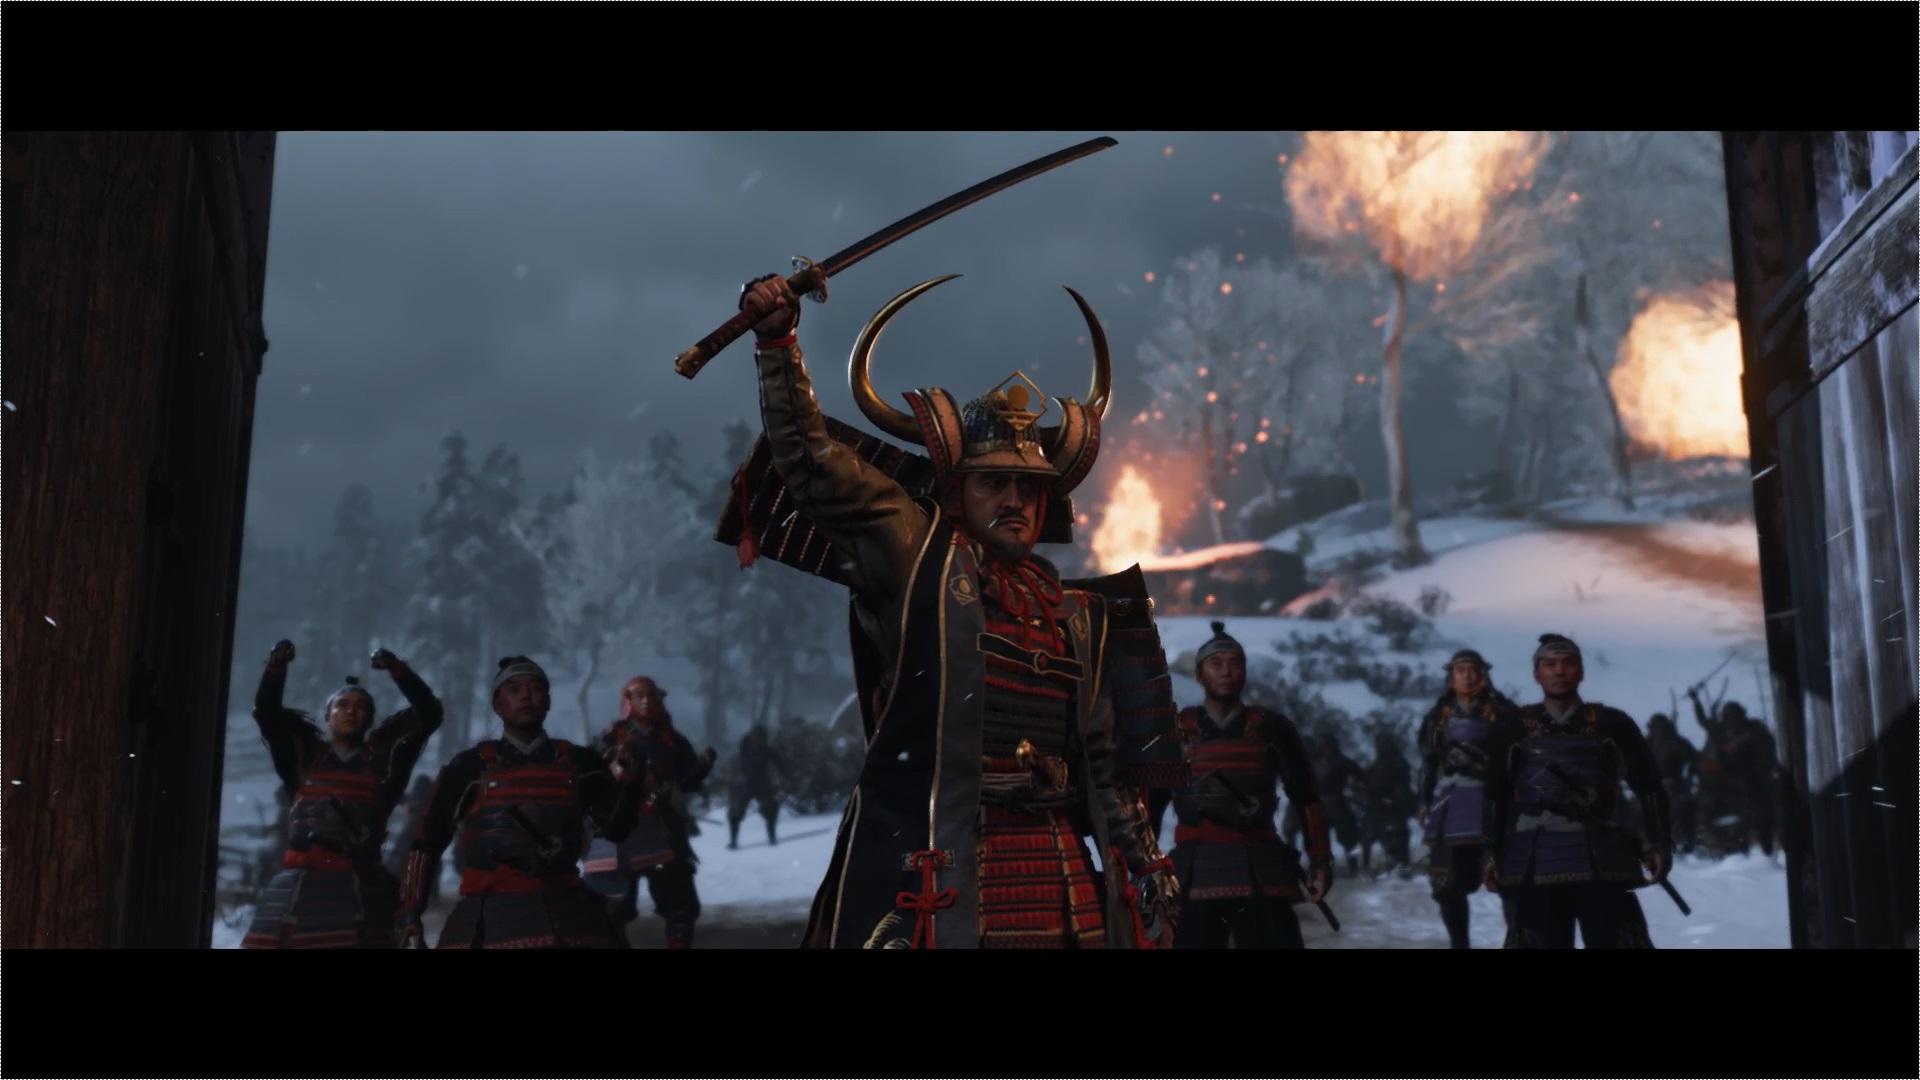 志村殿の加勢が到着。仁は蒙古兵との戦いを避け、ハーンの元へ急ぐ。